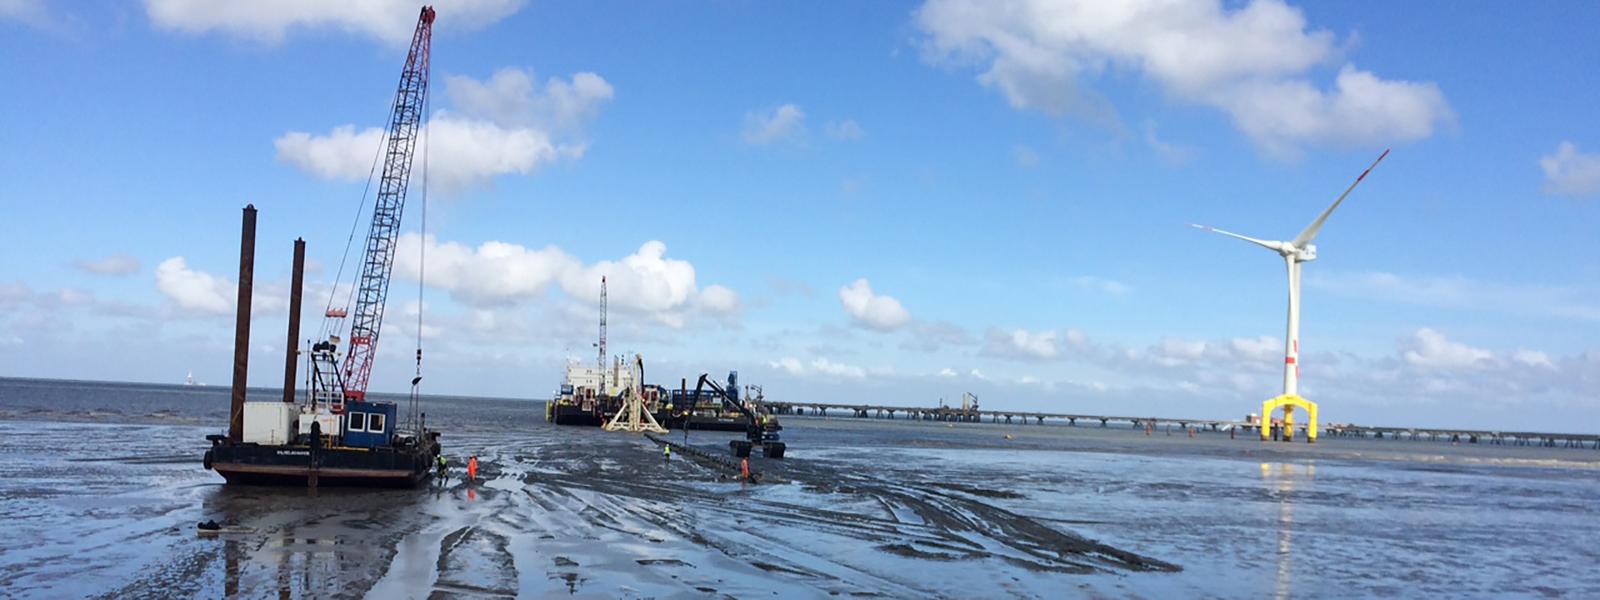 HV Offshore Nordergründe